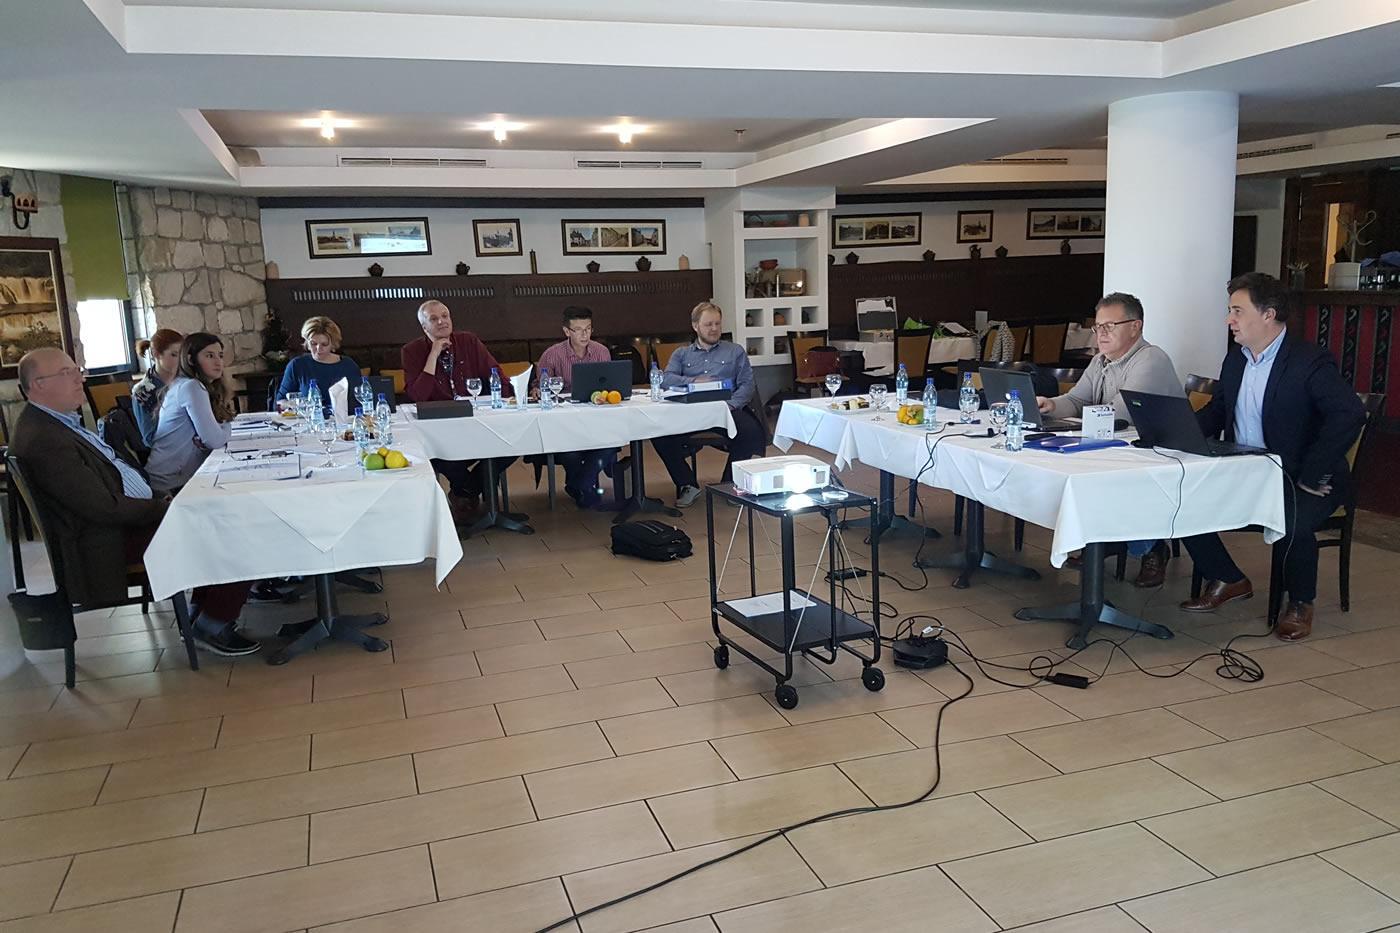 Održana obuka trenera za upravljanje neprihodovanom vodom u Bihaću, Bosna i Hercegovina